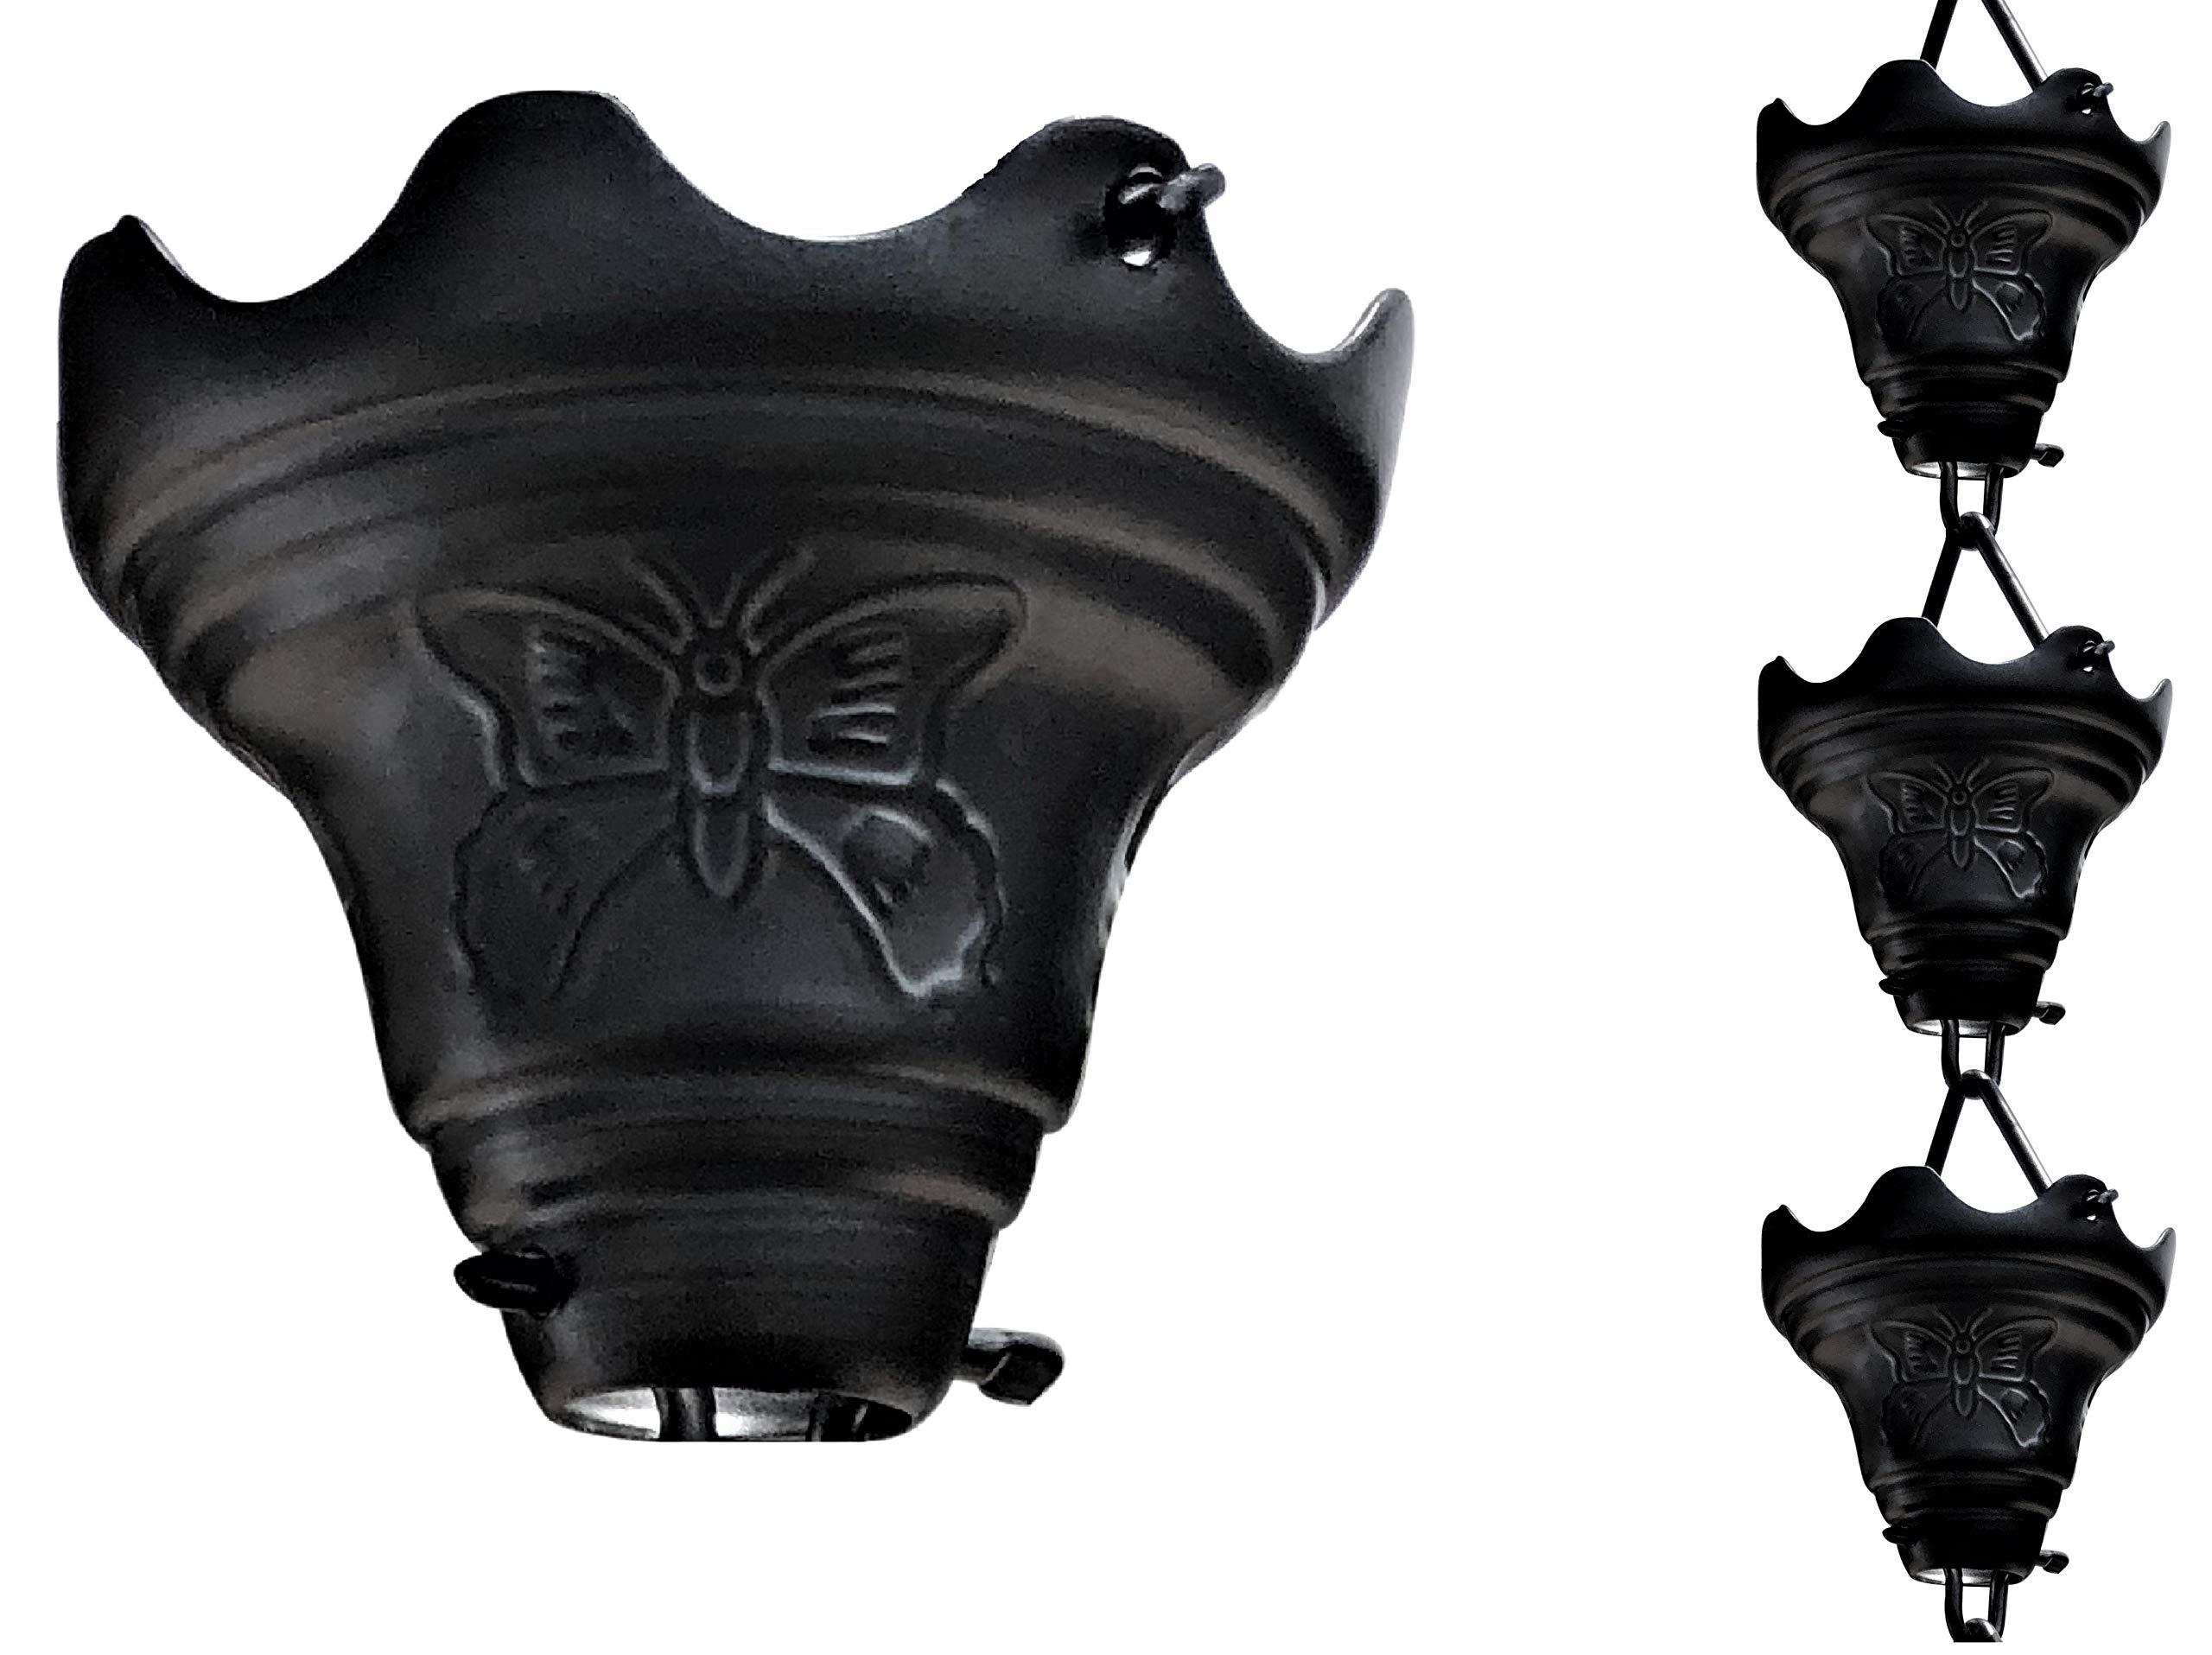 Monarch Rain Chains 18024 Aluminum Butterfly Rain Chain, 8-1/2 Feet Length, Powder Coated (Black)